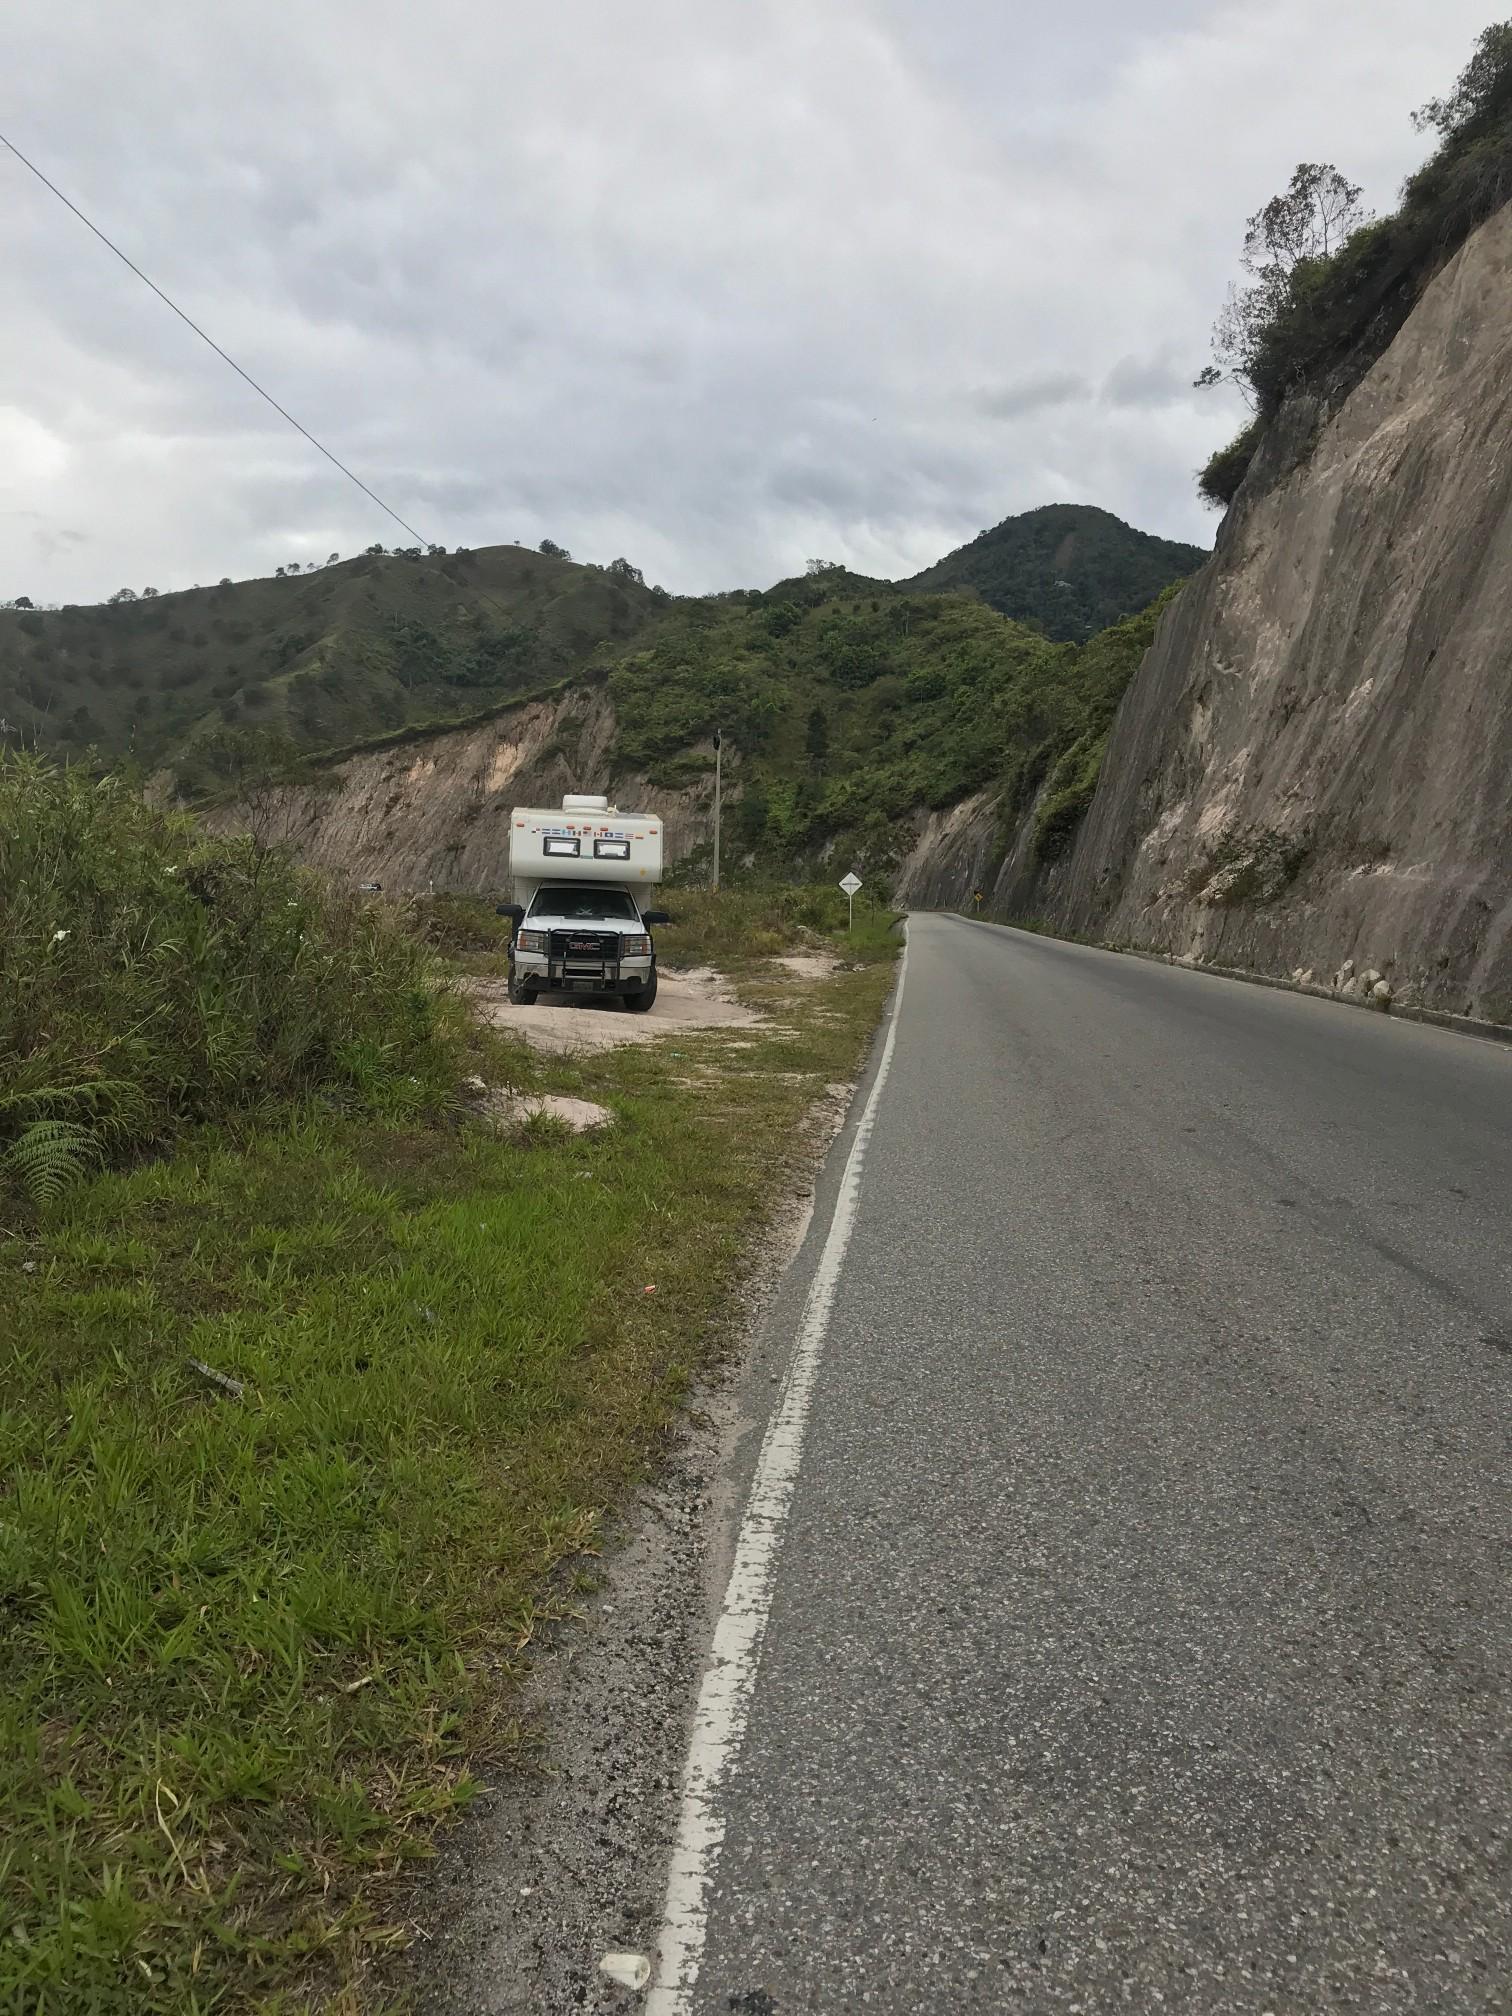 roadside stop